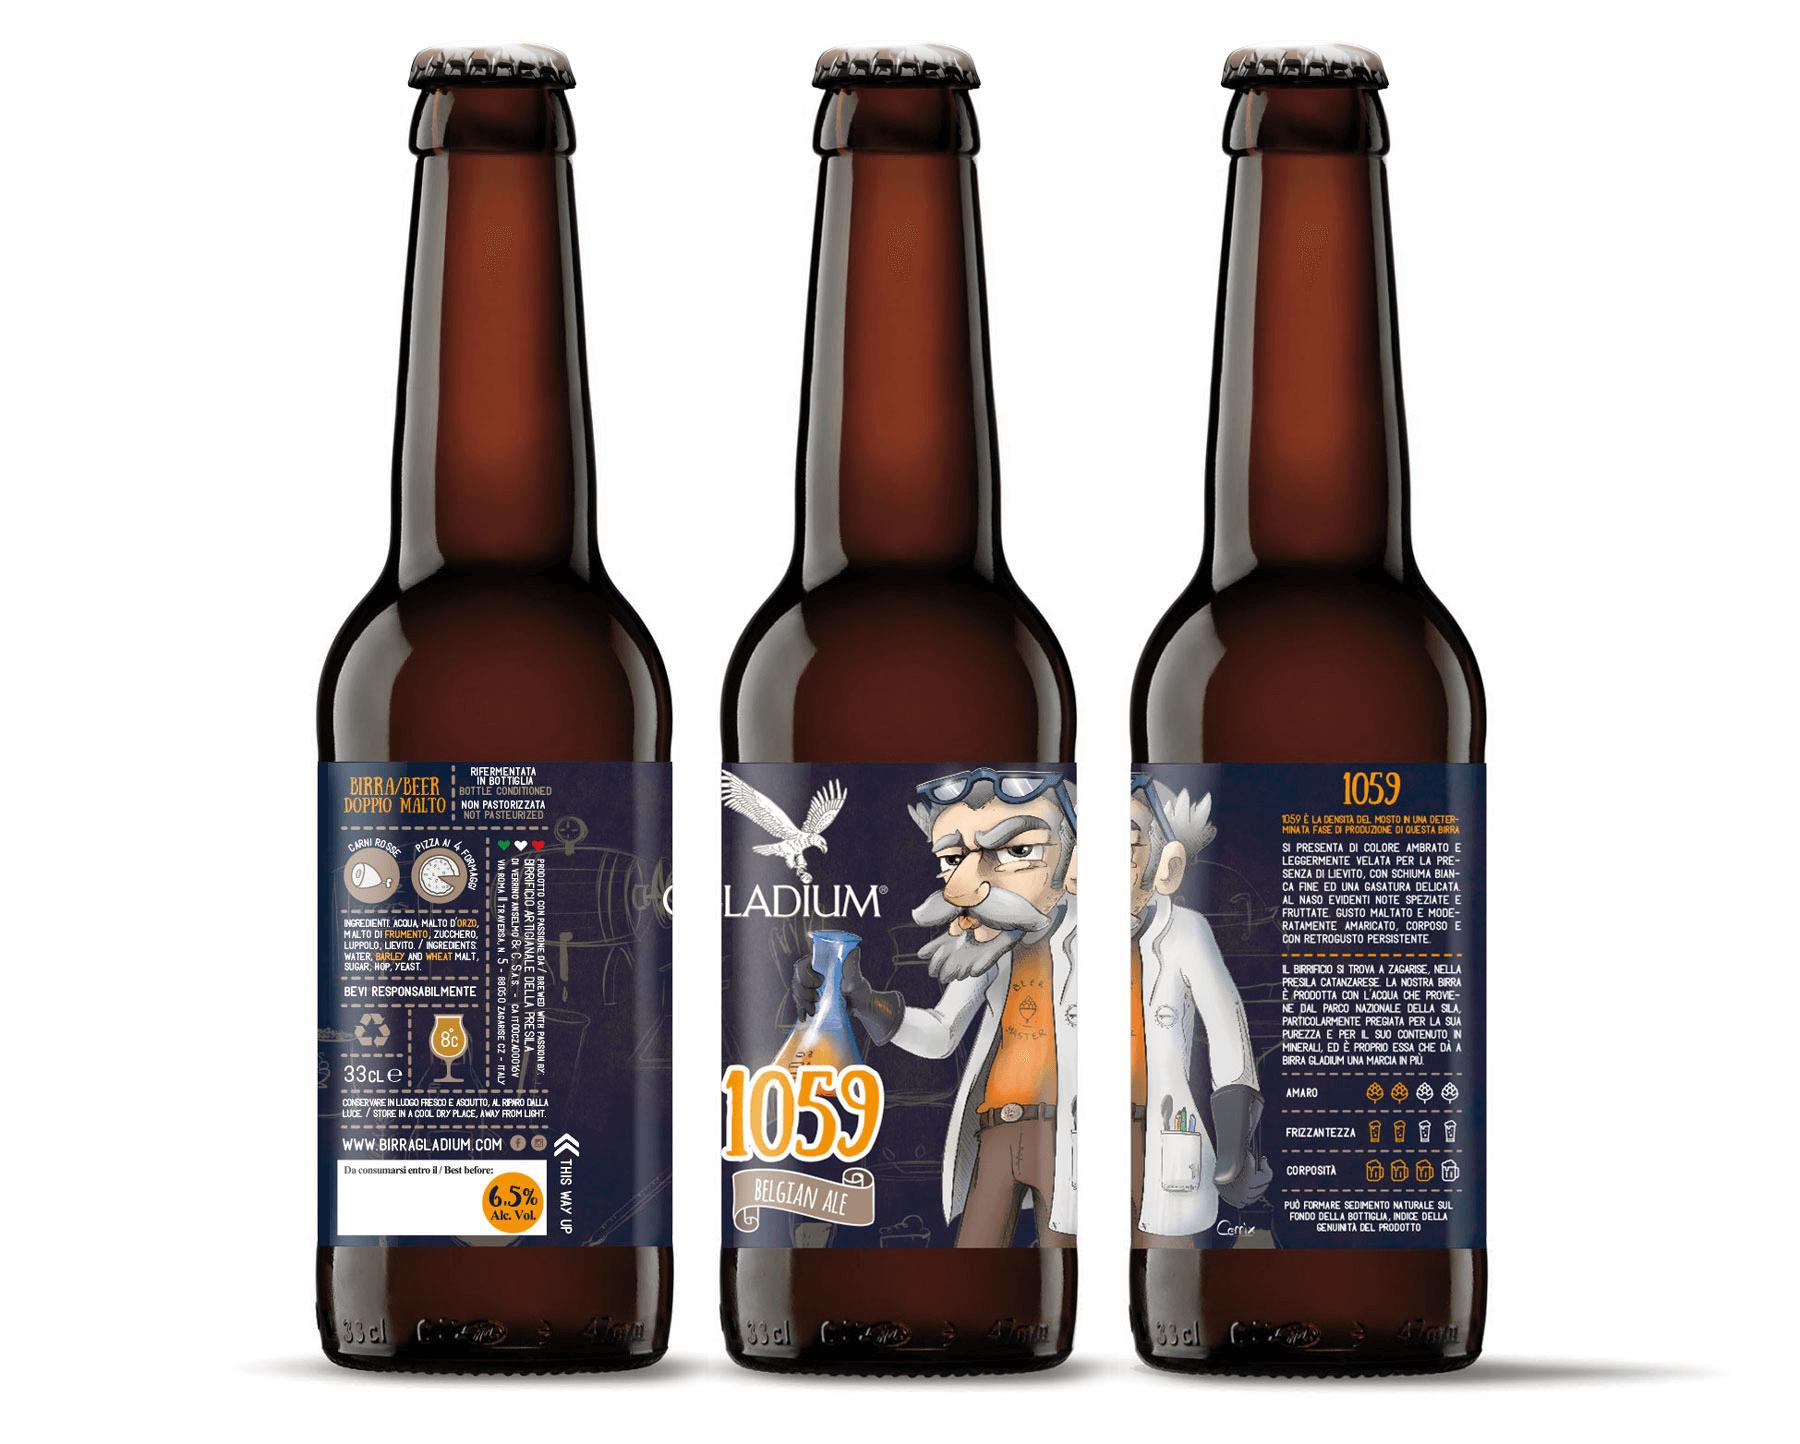 Studio La Regina - Birra Gladium 33 cl 1059